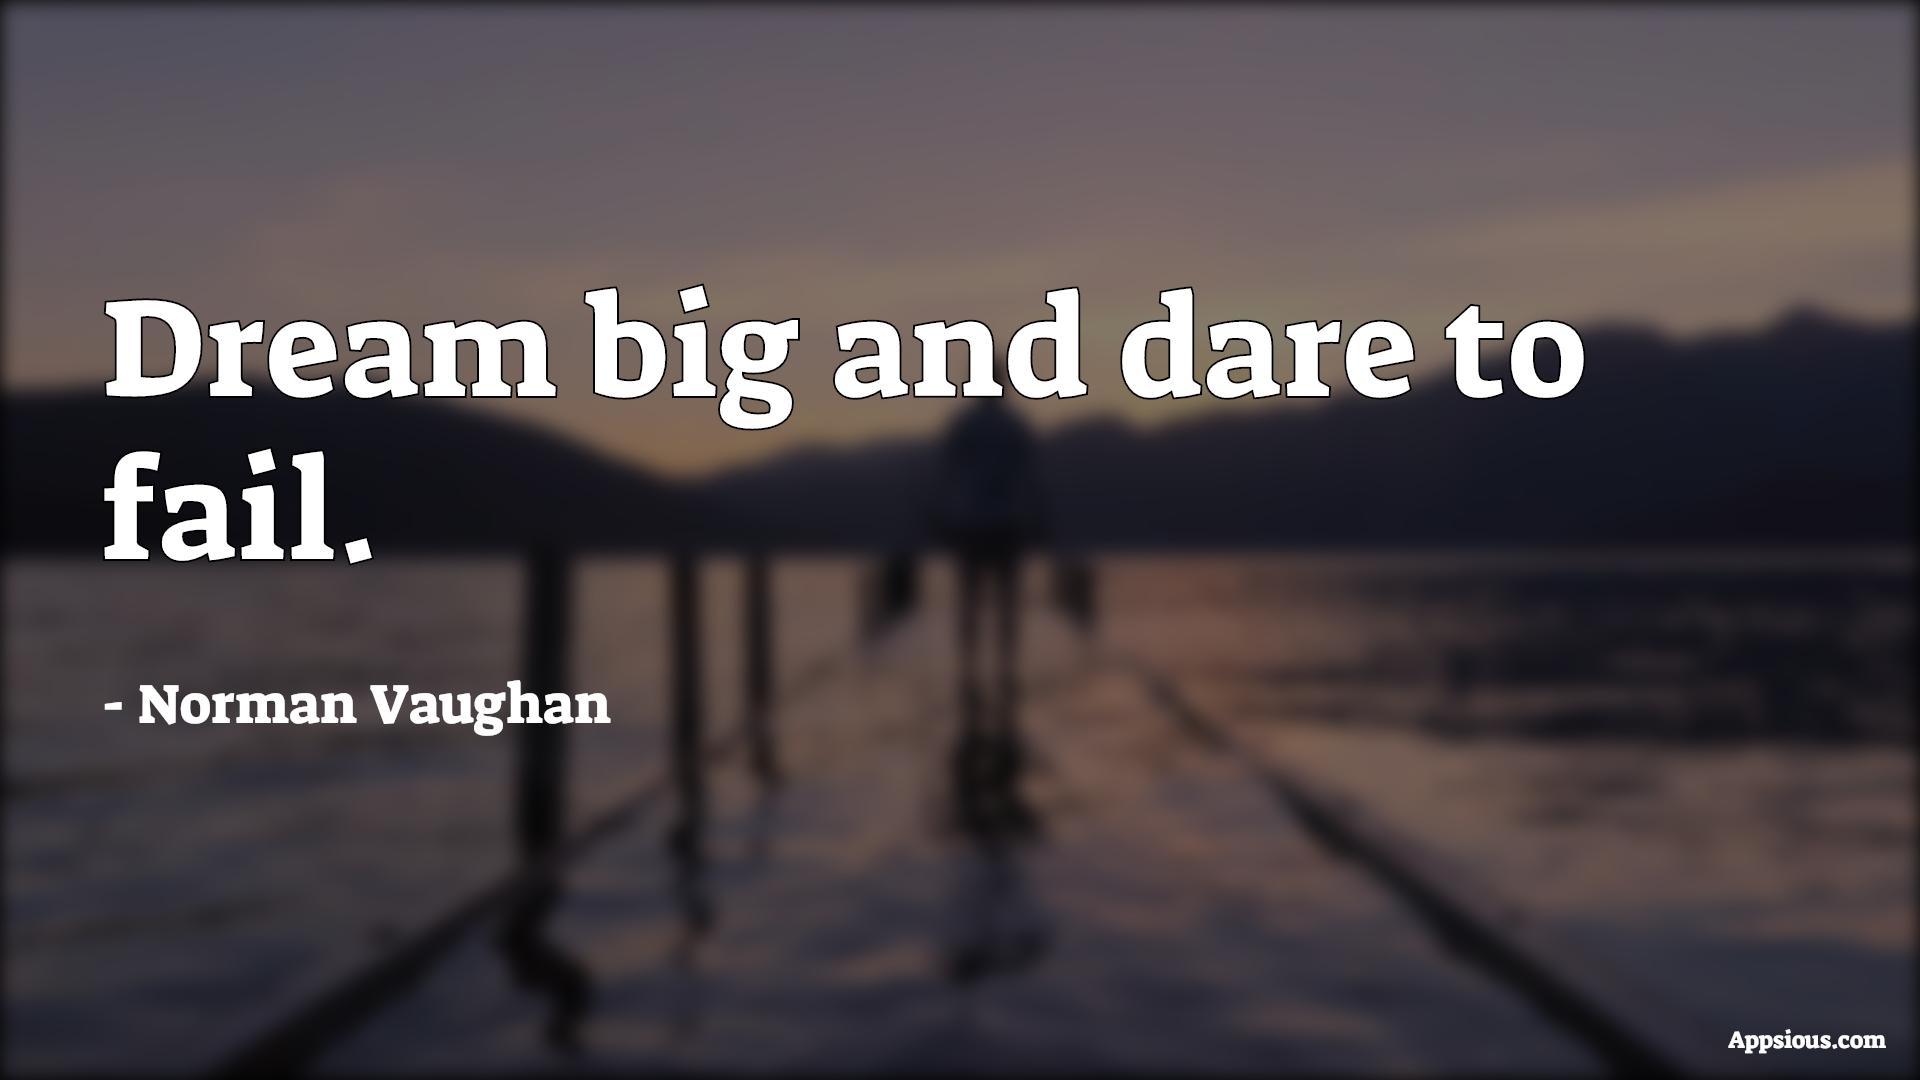 Dream big and dare to fail.